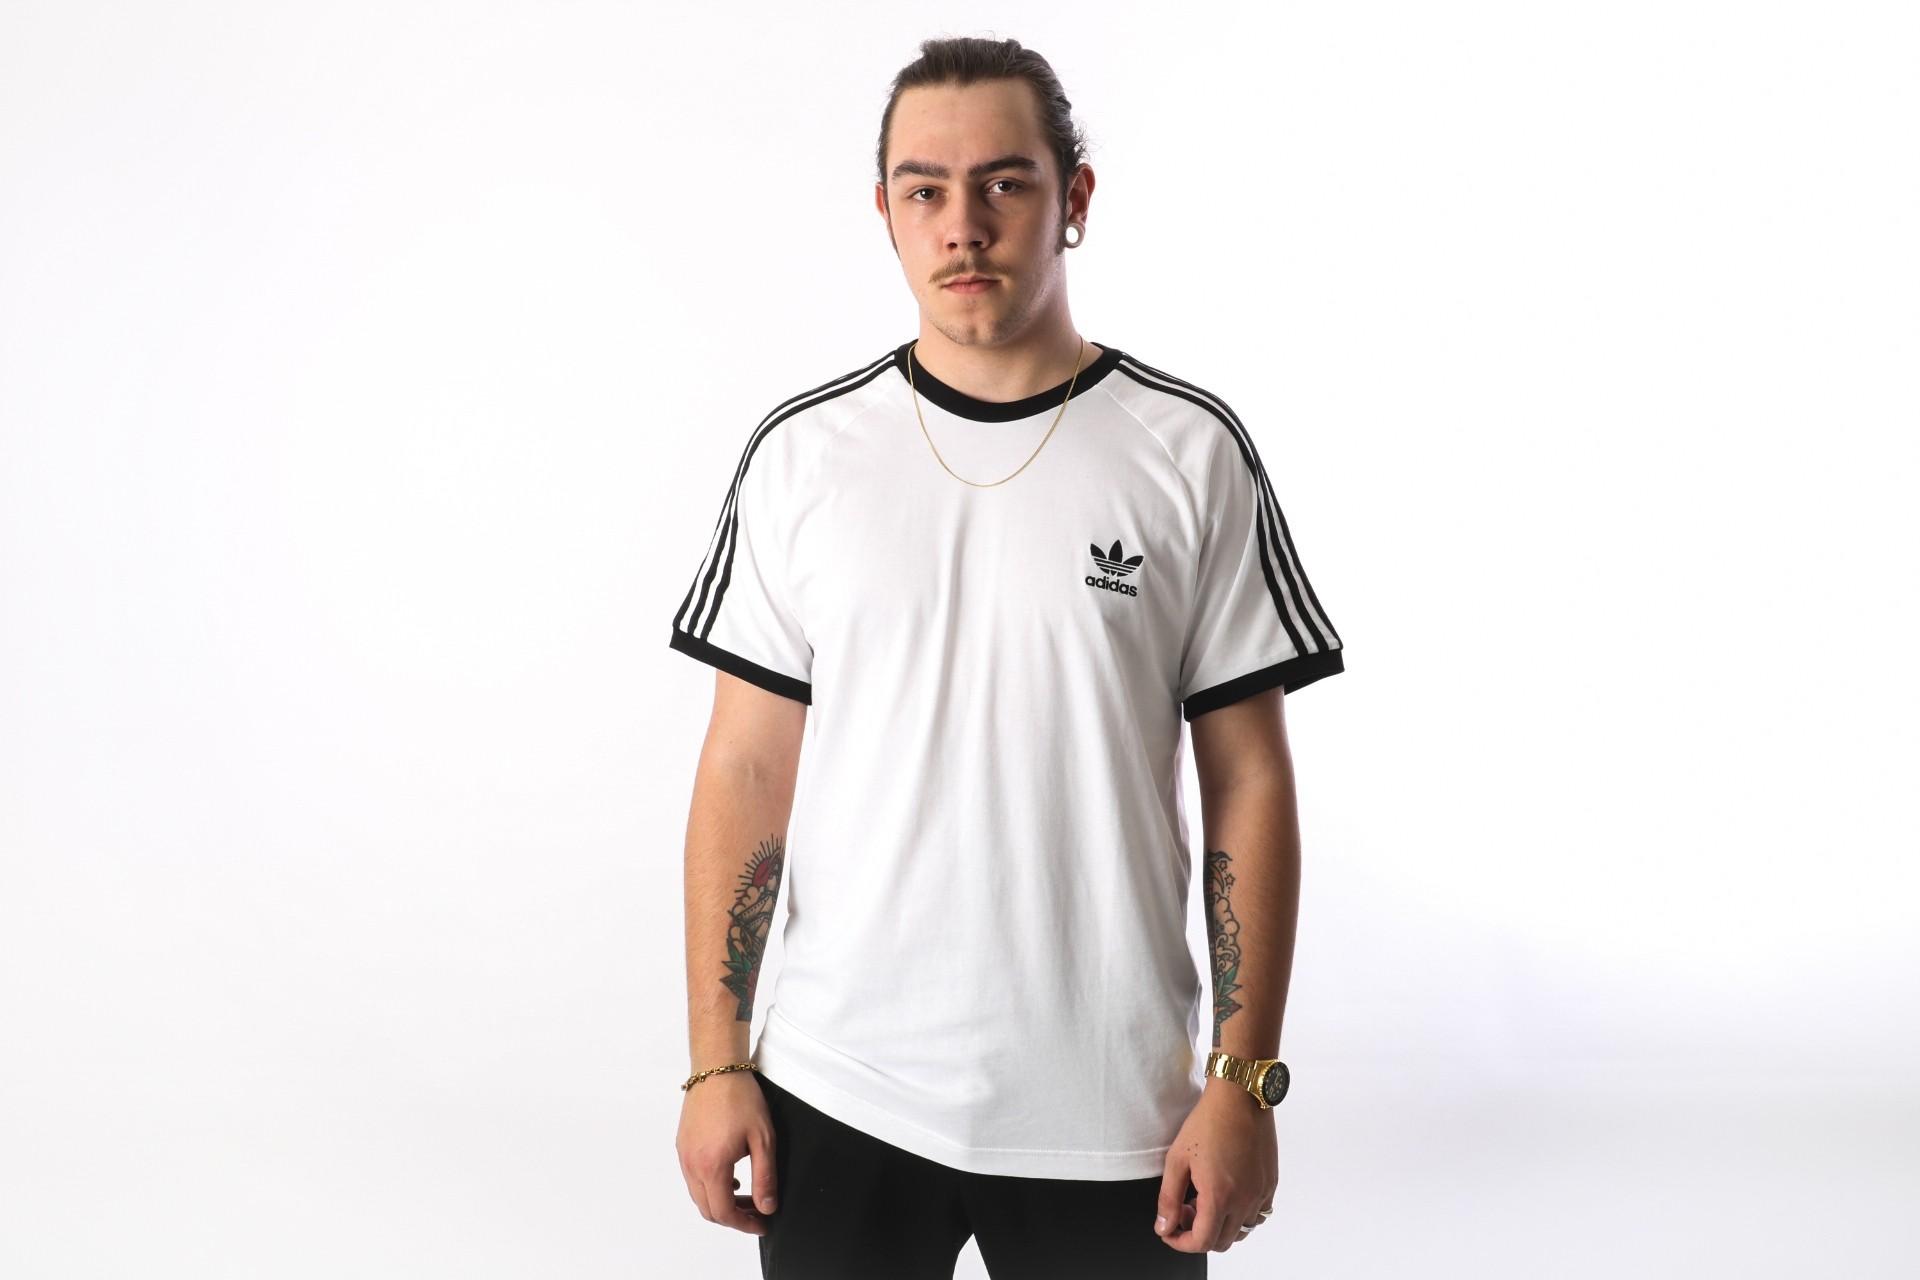 Foto van Adidas Originals CW1203 T-shirt 3-stripes Wit